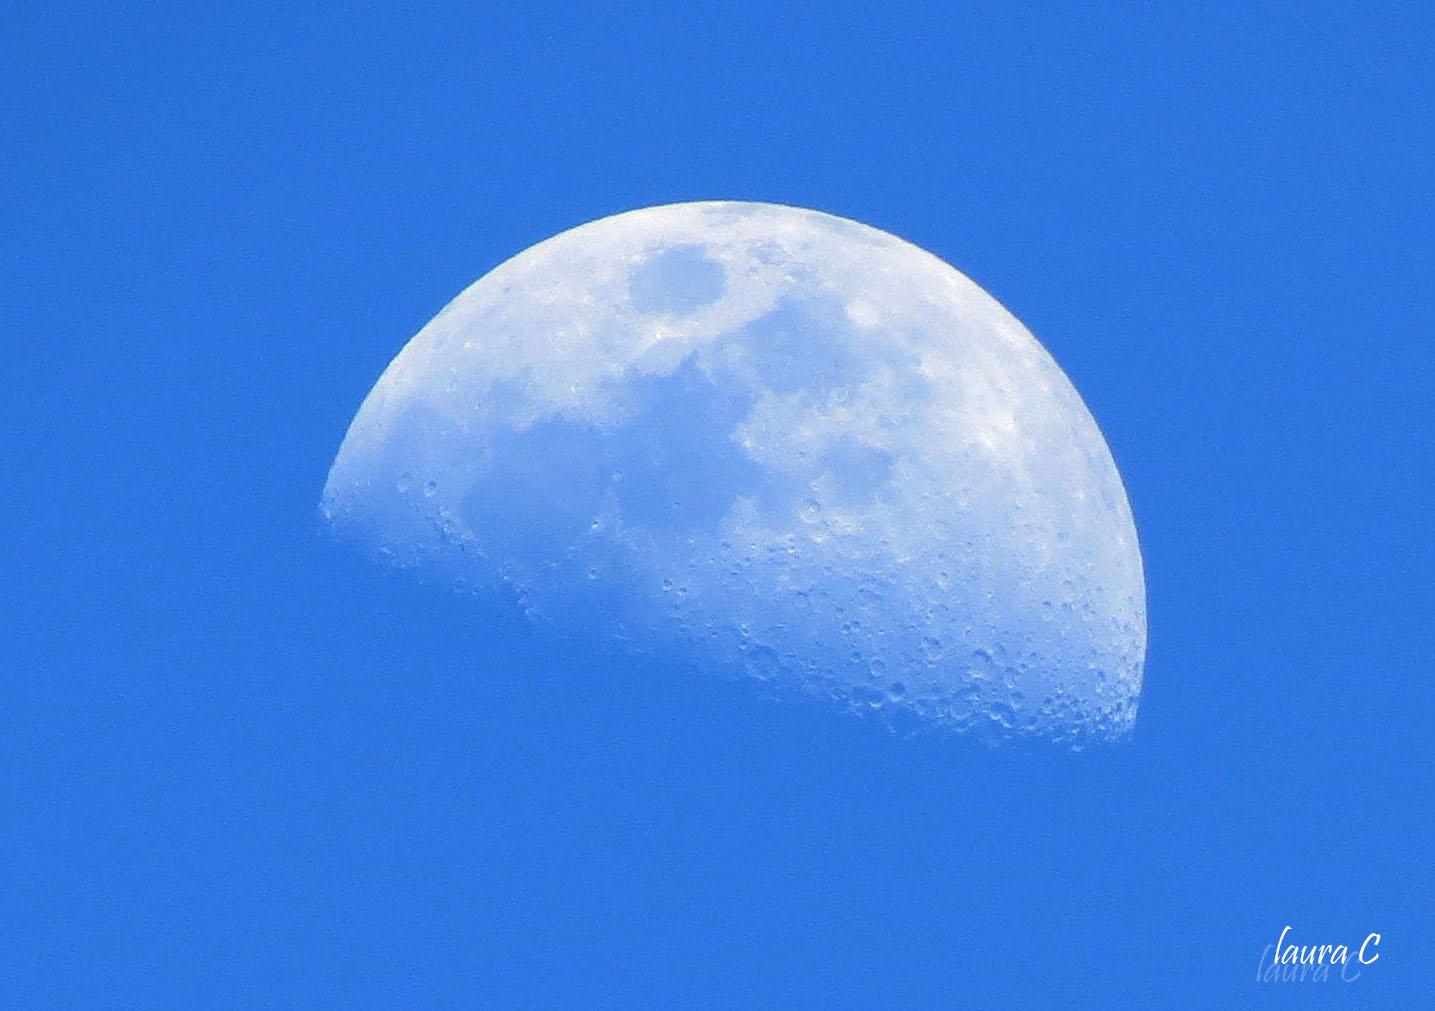 textura lunar